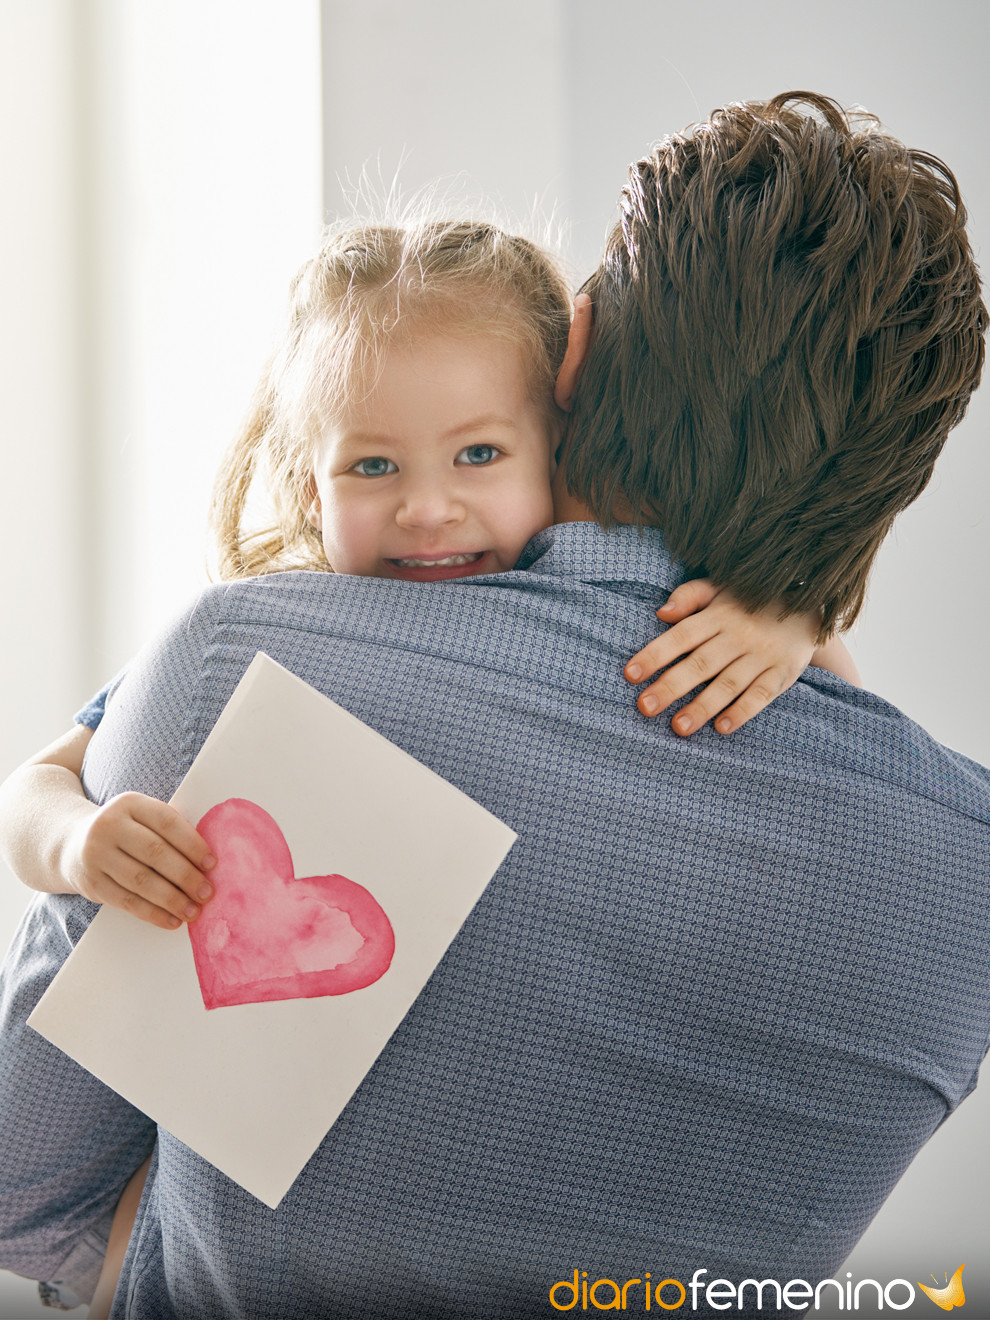 Carta De Amor De Un Padre A Su Hija Conmovedoras Y Tiernas Palabras